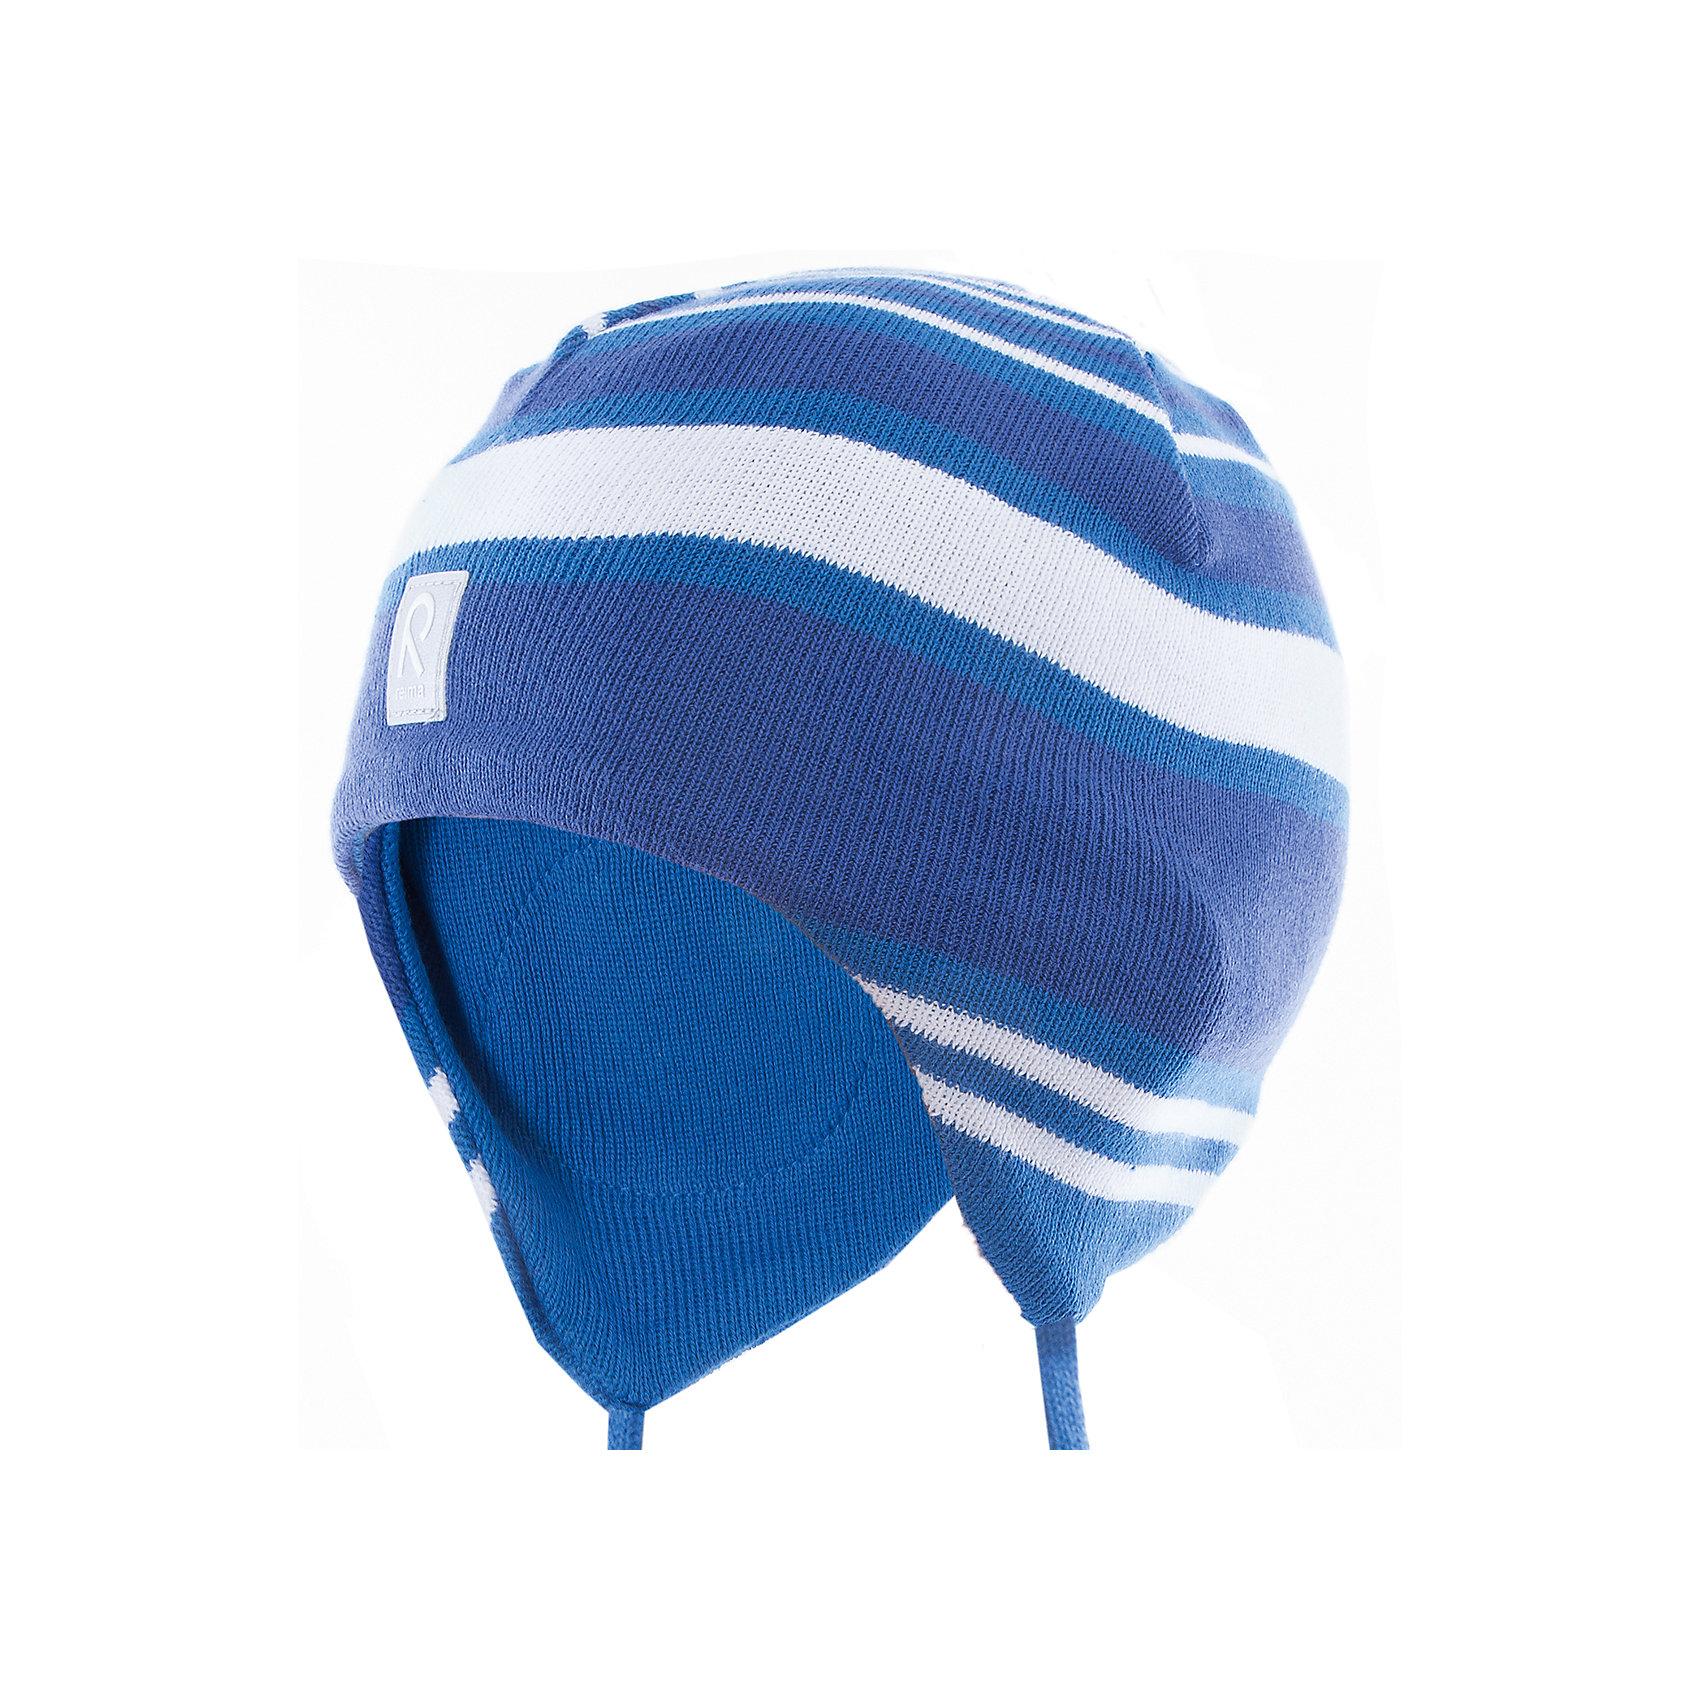 Шапка Aqueous ReimaШапки и шарфы<br>Характеристики товара:<br><br>• цвет: синий<br>• состав: 100% хлопок<br>• полуподкладка: хлопковый трикотаж<br>• температурный режим: от +5С<br>• эластичный хлопковый трикотаж<br>• инделие сертифицированно по стандарту Oeko-Tex на продукция класса 1 - одежда для новорождённых<br>• ветронепроницаемые вставки в области ушей<br>• завязки во всех размерах<br>• эмблема Reima спереди<br>• светоотражающие детали<br>• страна бренда: Финляндия<br>• страна производства: Китай<br><br>Детский головной убор может быть модным и удобным одновременно! Стильная шапка поможет обеспечить ребенку комфорт и дополнить наряд.  Шапка удобно сидит и аккуратно выглядит. Проста в уходе, долго служит. Стильный дизайн разрабатывался специально для детей. Отличная защита от дождя и ветра!<br><br>Уход:<br><br>• стирать по отдельности, вывернув наизнанку<br>• придать первоначальную форму вo влажном виде<br>• возможна усадка 5 %.<br><br>Шапку от финского бренда Reima (Рейма) можно купить в нашем интернет-магазине.<br><br>Ширина мм: 89<br>Глубина мм: 117<br>Высота мм: 44<br>Вес г: 155<br>Цвет: синий<br>Возраст от месяцев: 18<br>Возраст до месяцев: 36<br>Пол: Унисекс<br>Возраст: Детский<br>Размер: 50,52,48,46<br>SKU: 5265832